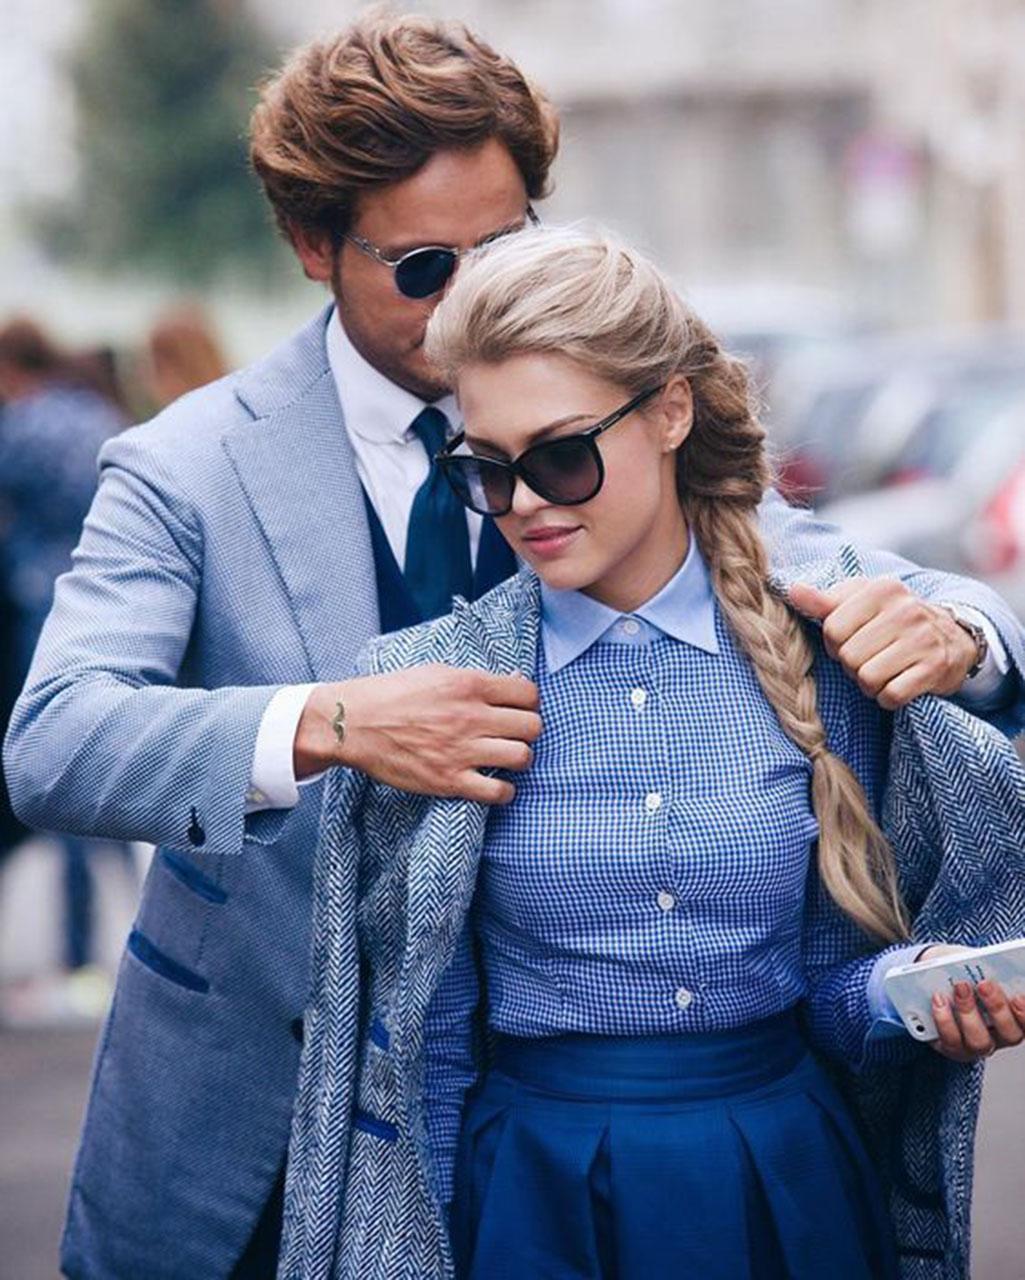 Czy przyjaźń damsko-męska jest możliwa 12